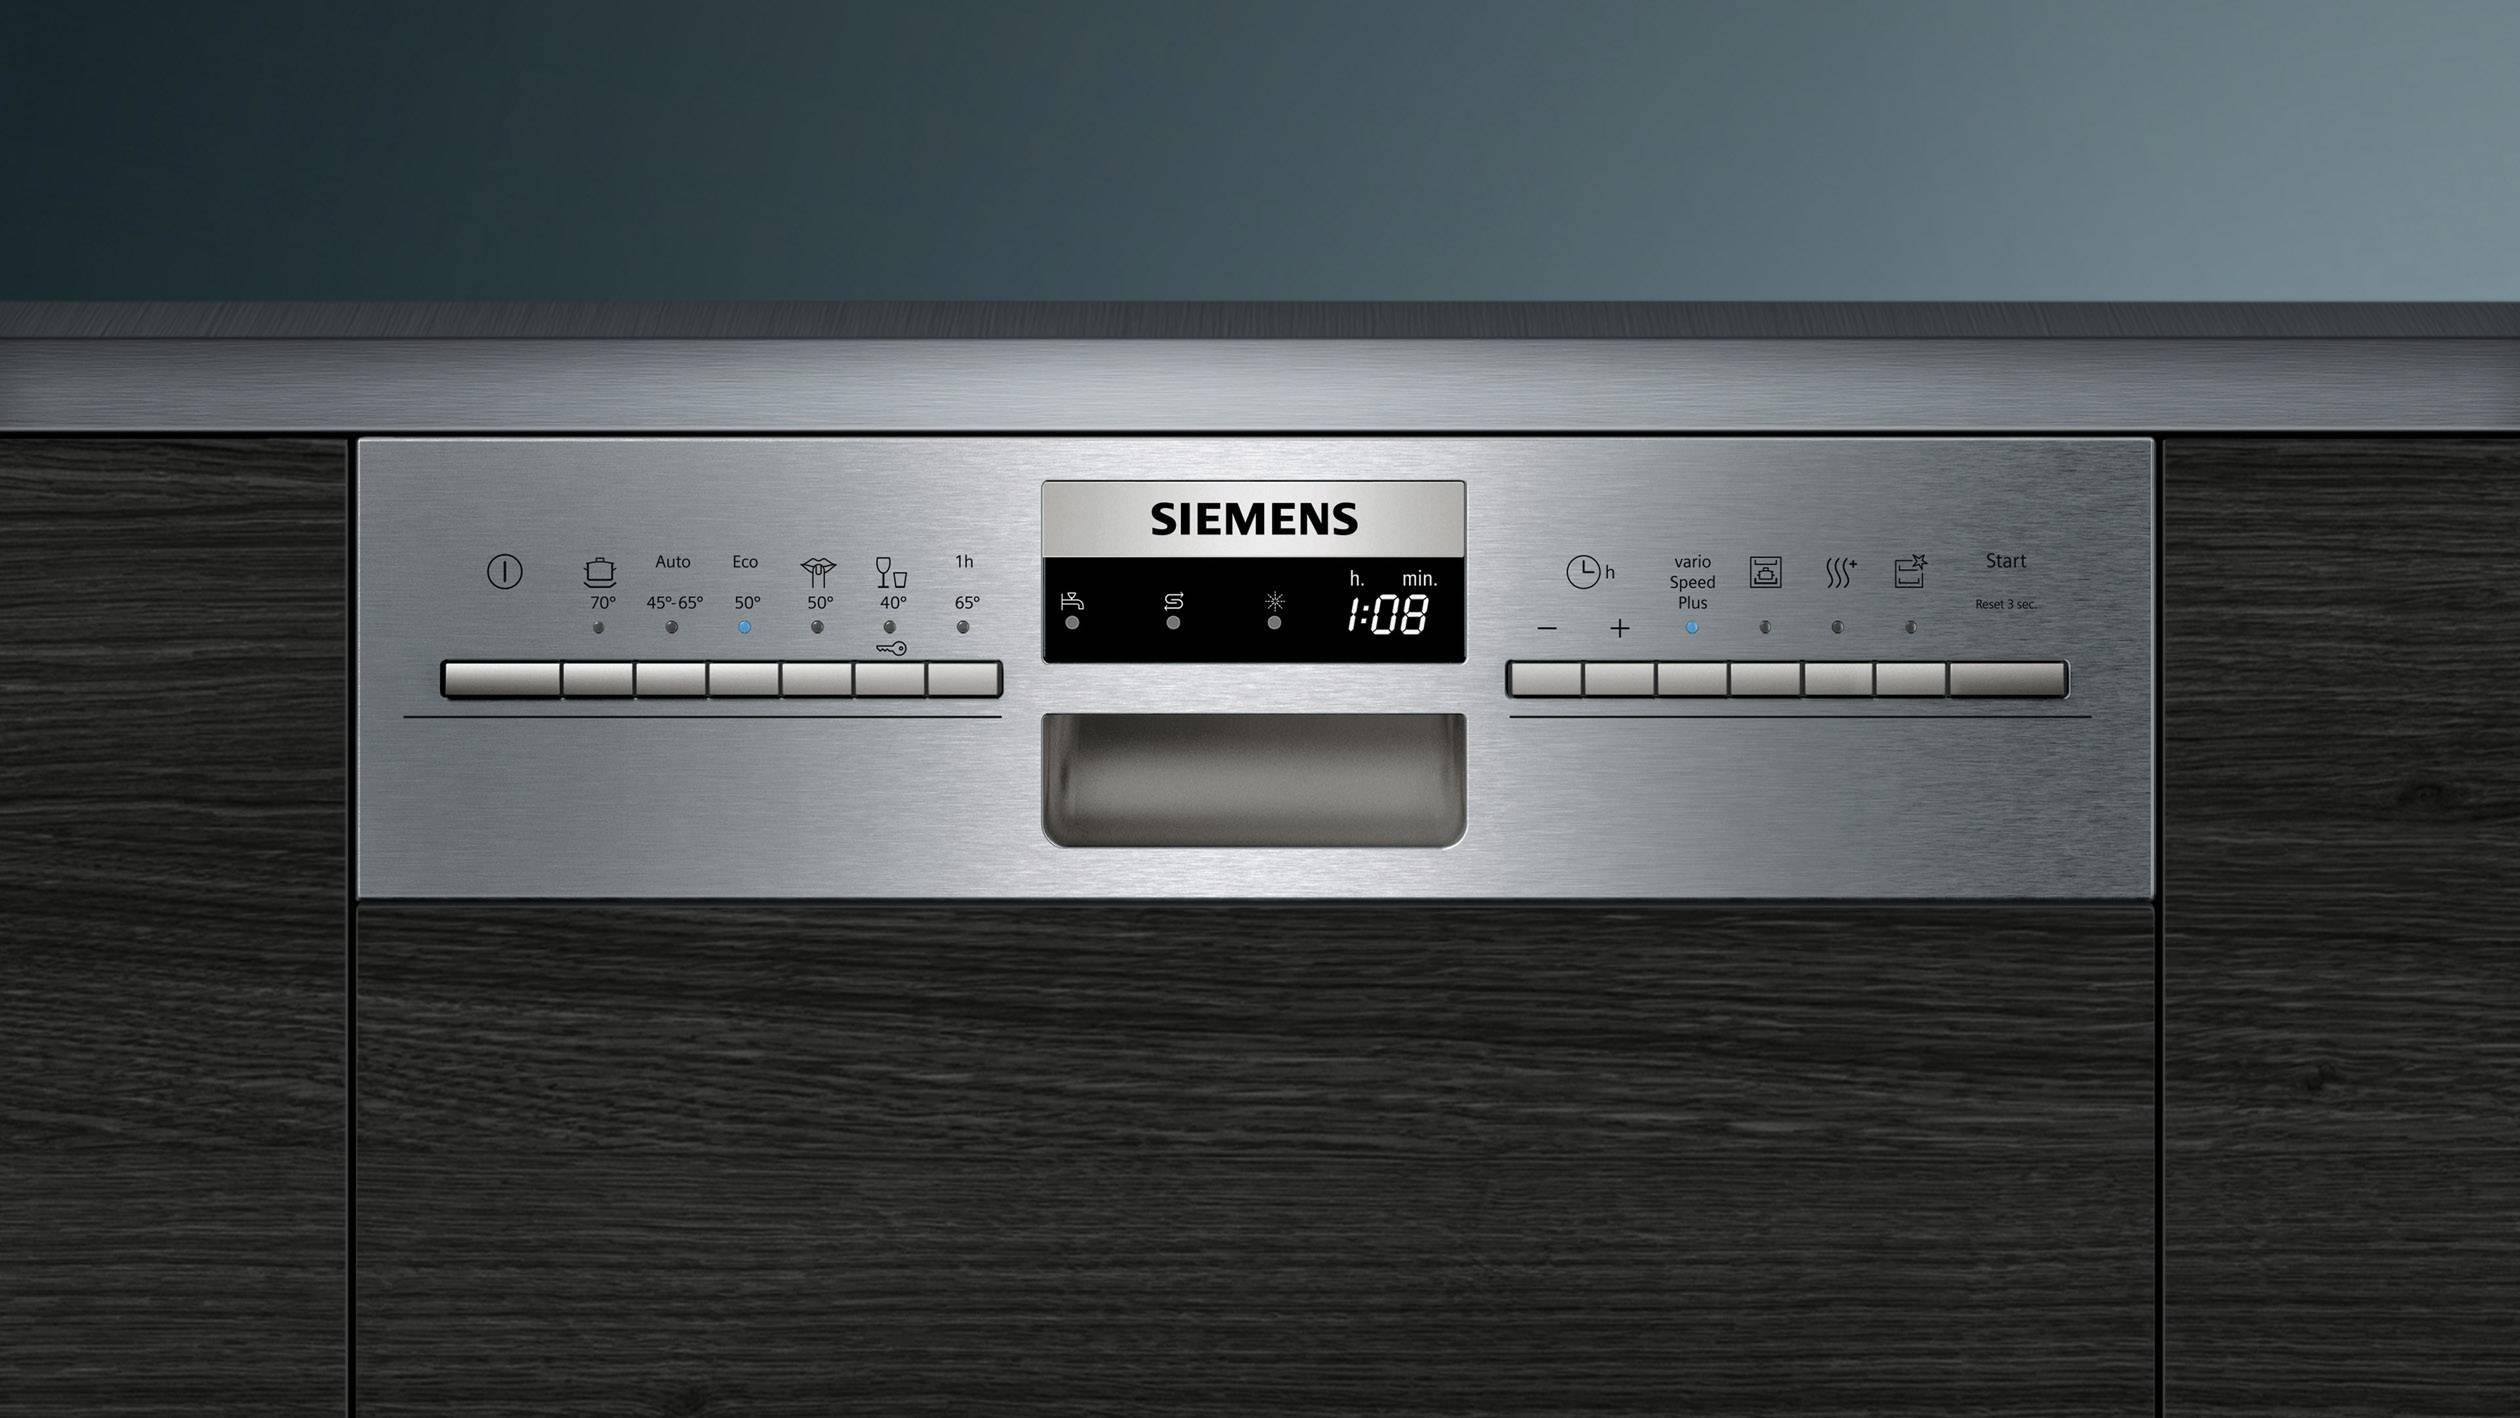 Siemens geschirrspüler auto in bedienungsanleitung spülmaschine